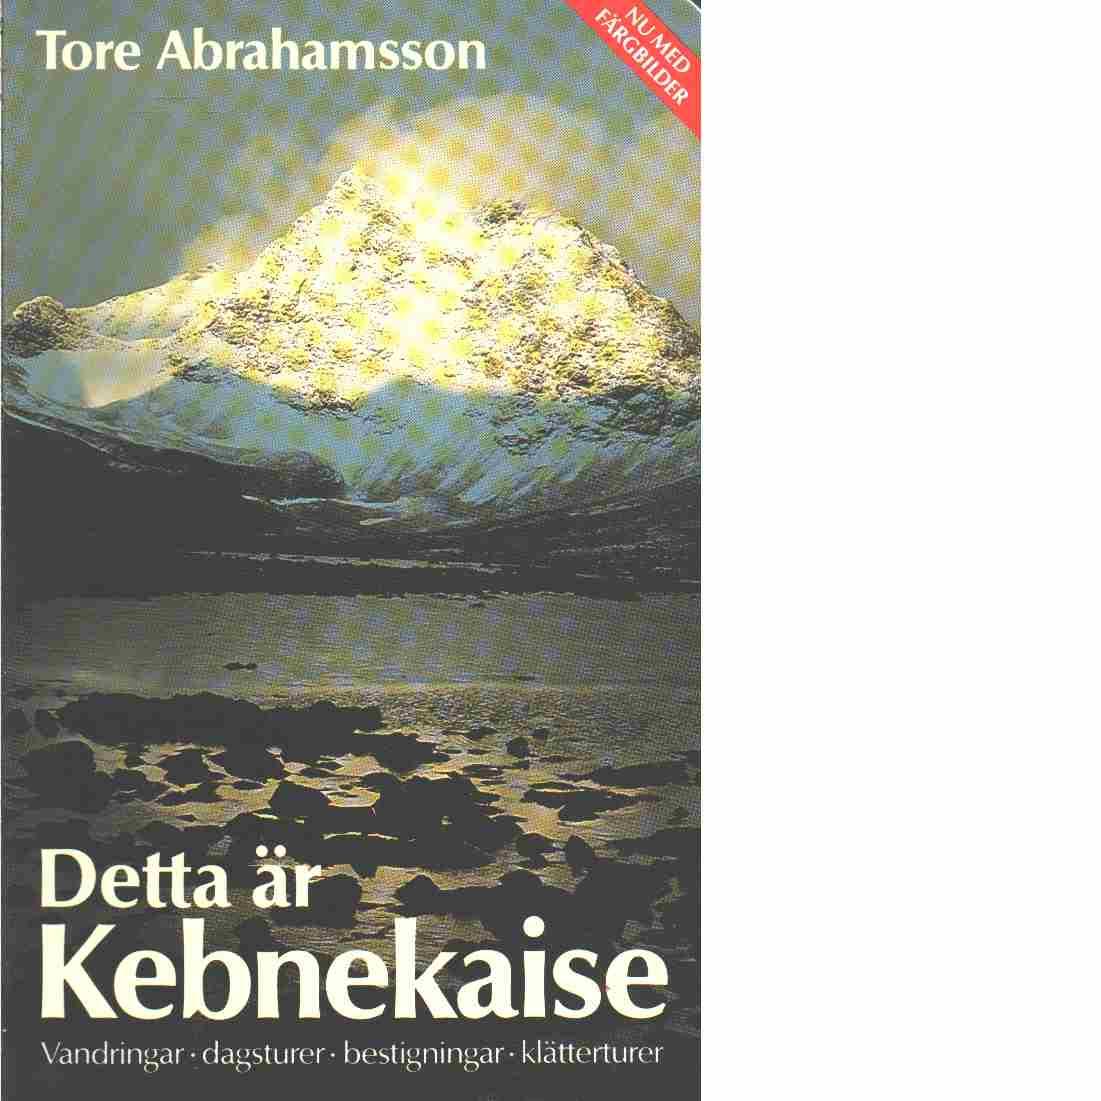 Detta är Kebnekaise : [vandringar, dagsturer, bestigningar, klätterturer] - Abrahamsson, Tore